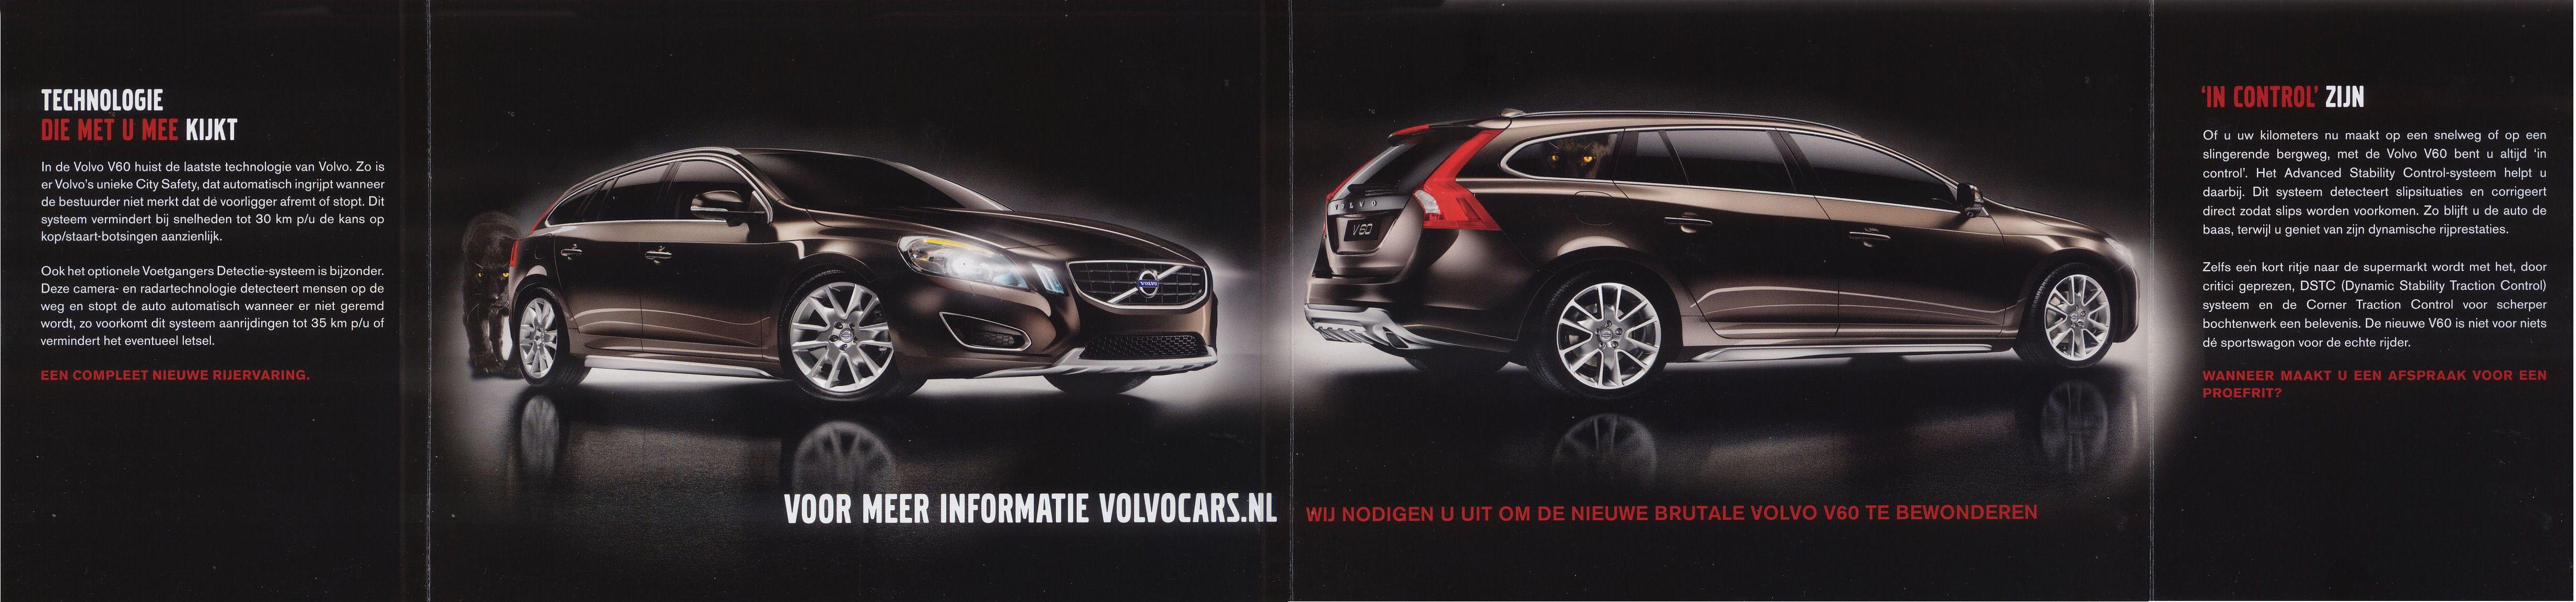 2010 Volvo V60 Brochure